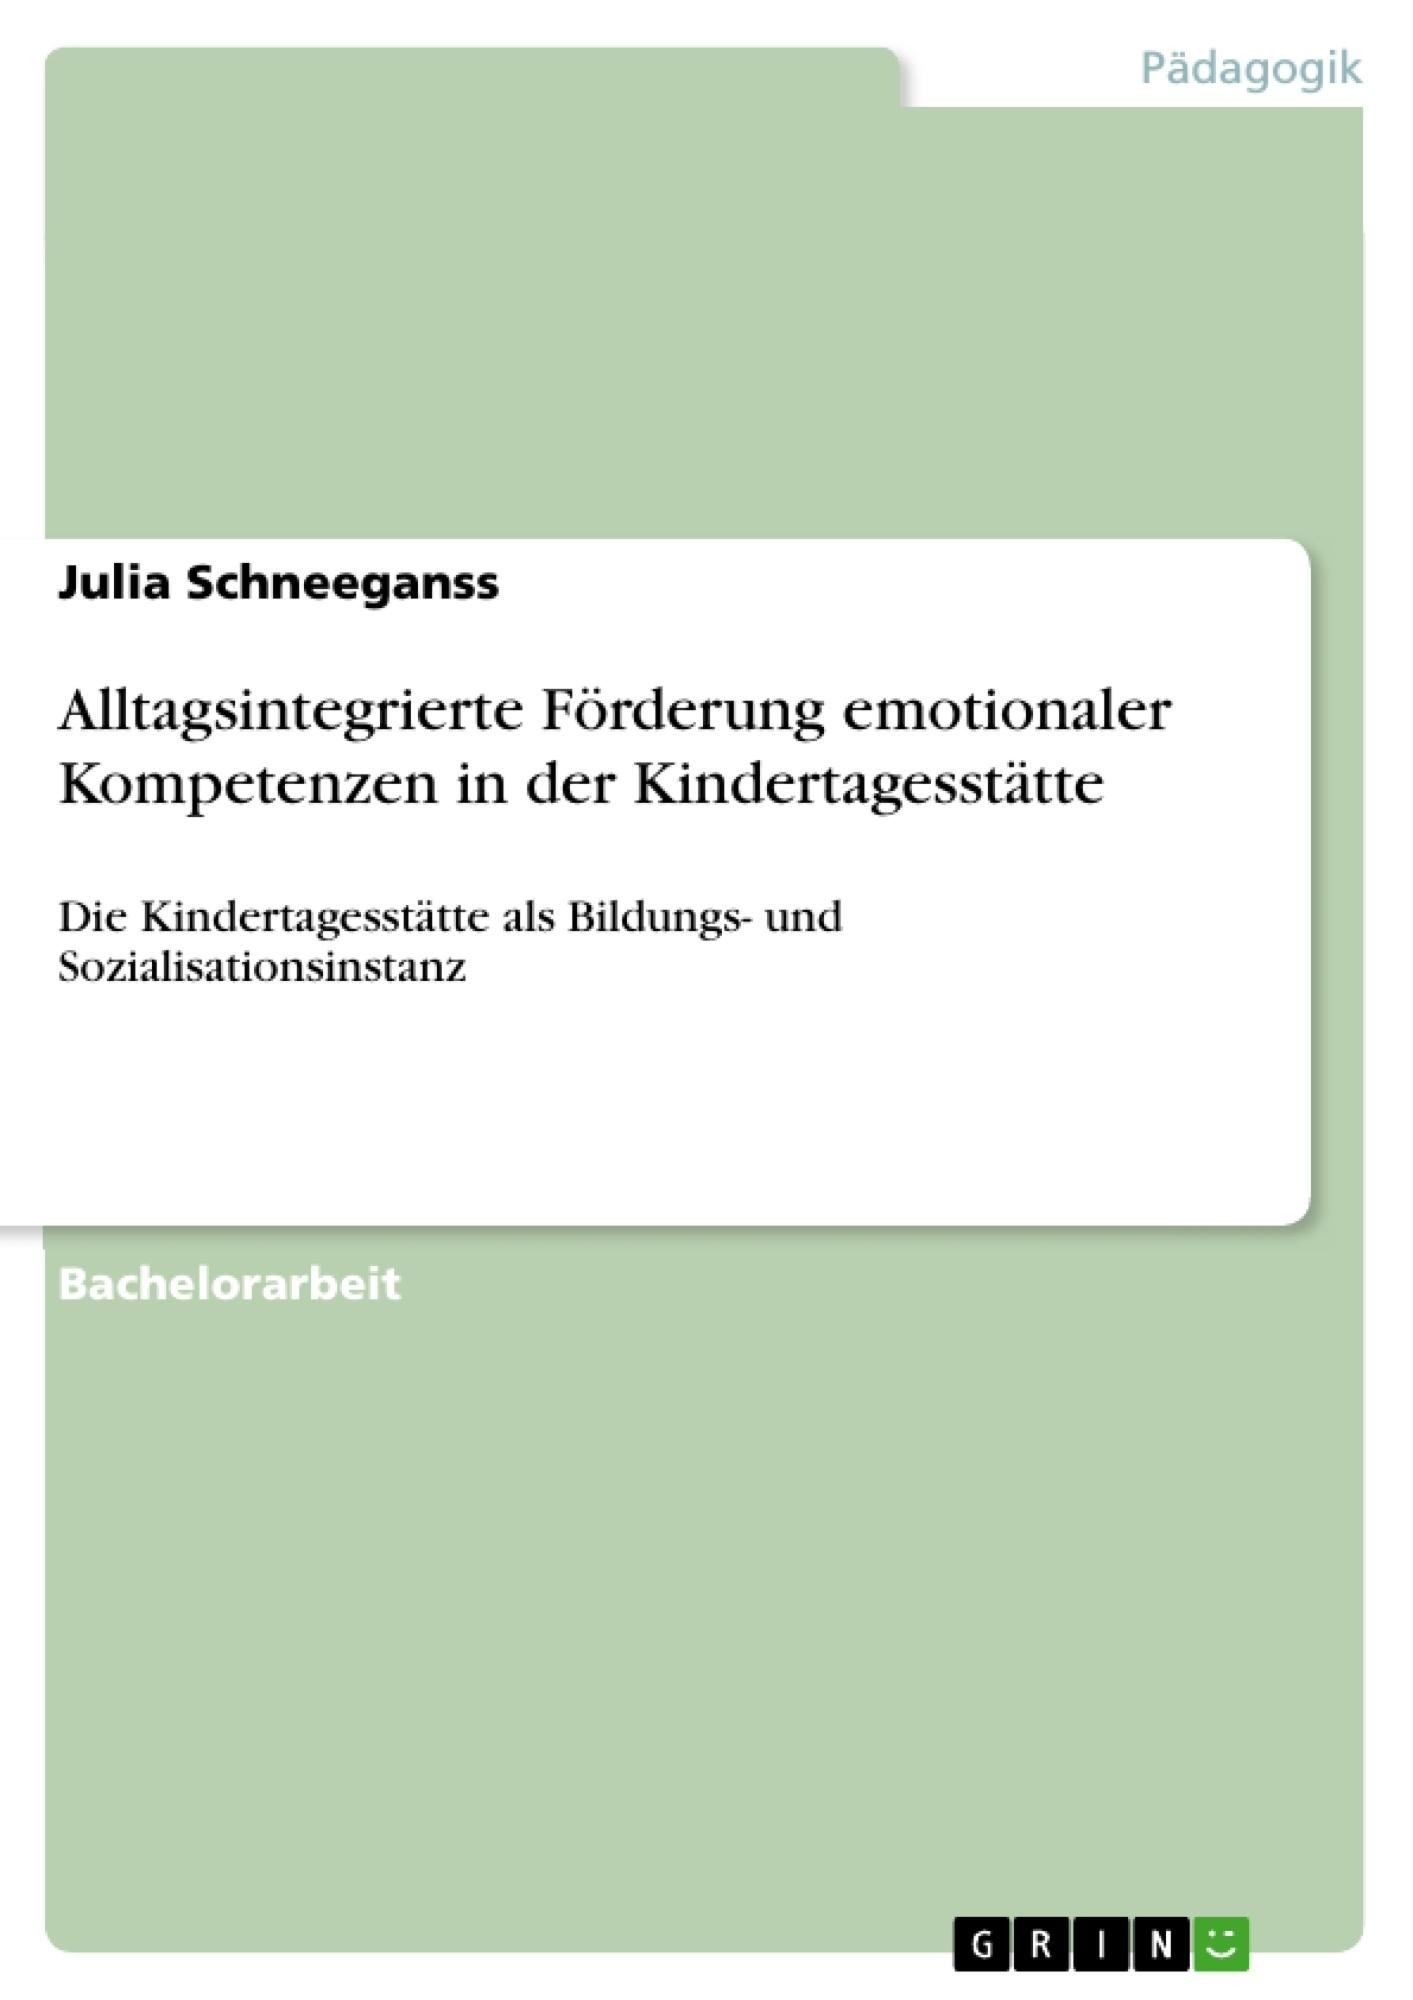 Titel: Alltagsintegrierte Förderung emotionaler Kompetenzen in der Kindertagesstätte